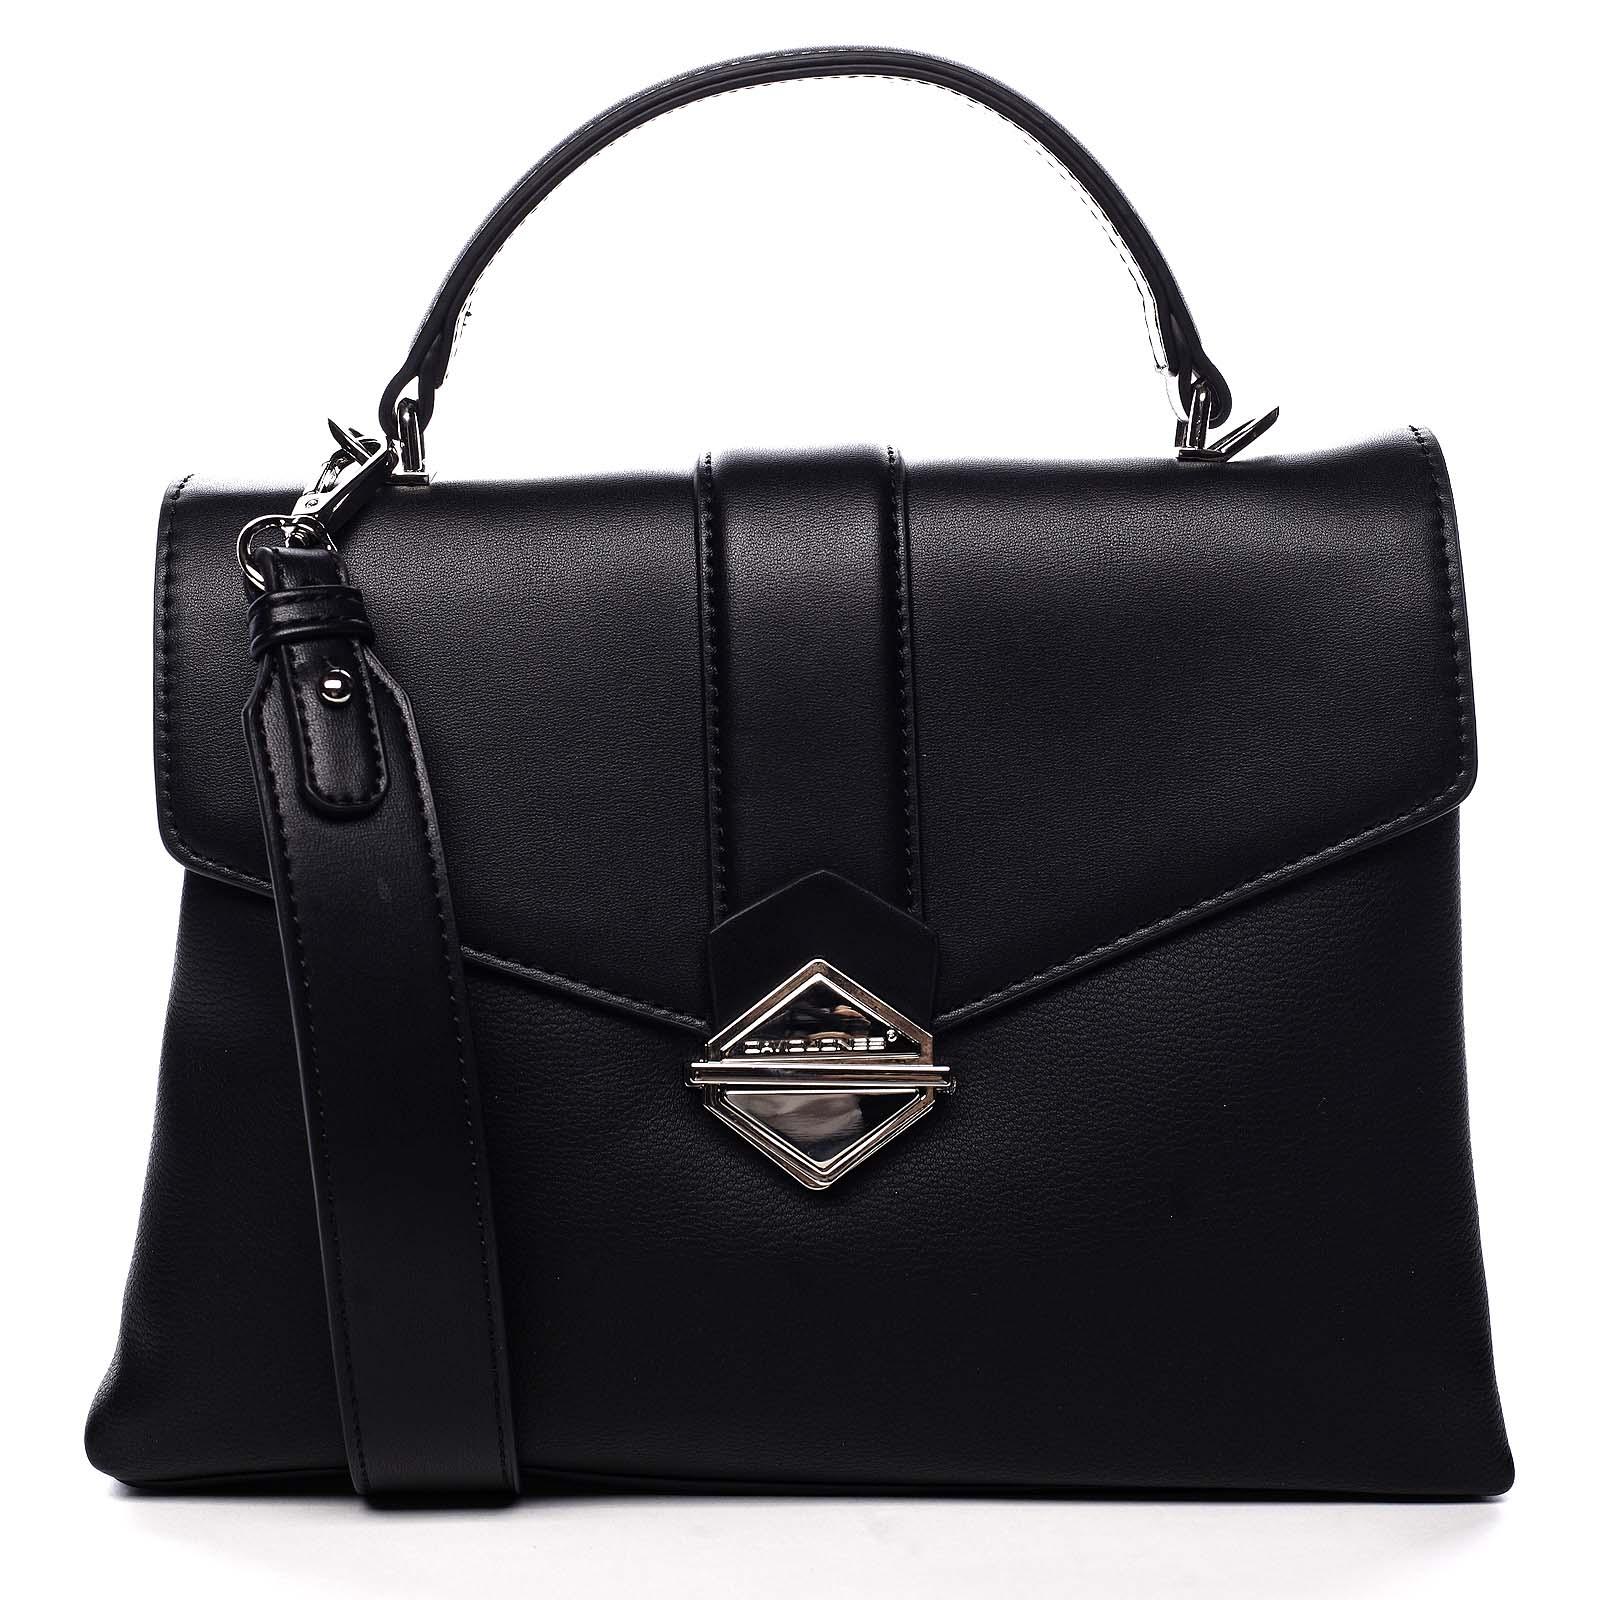 Dámská kabelka do ruky černá - David Jones Africa